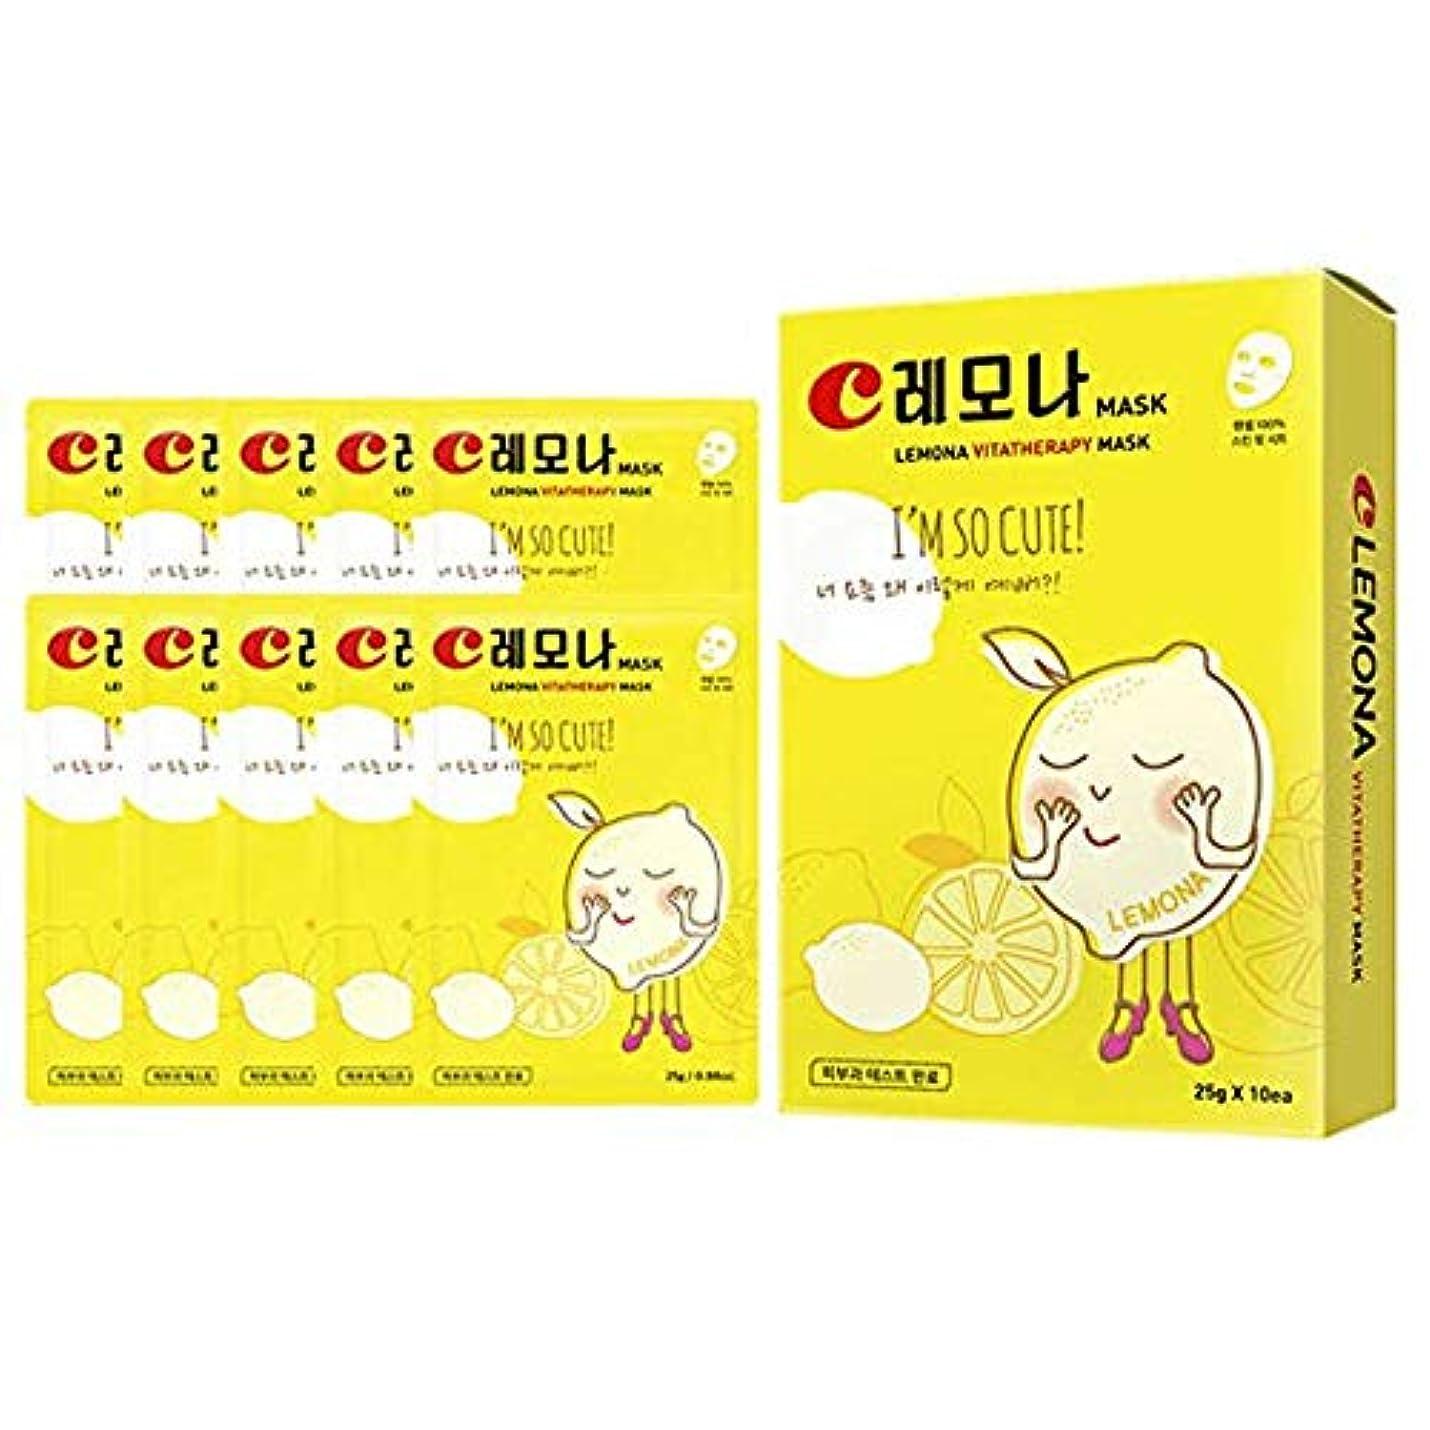 ボウル国民プランター[MISOWEOL]レモナビタミンマスクパック[並行輸入品](345g) : 10ea/pack [ Lemona Vita Therapy Mask(345g) : 10ea/pack ]